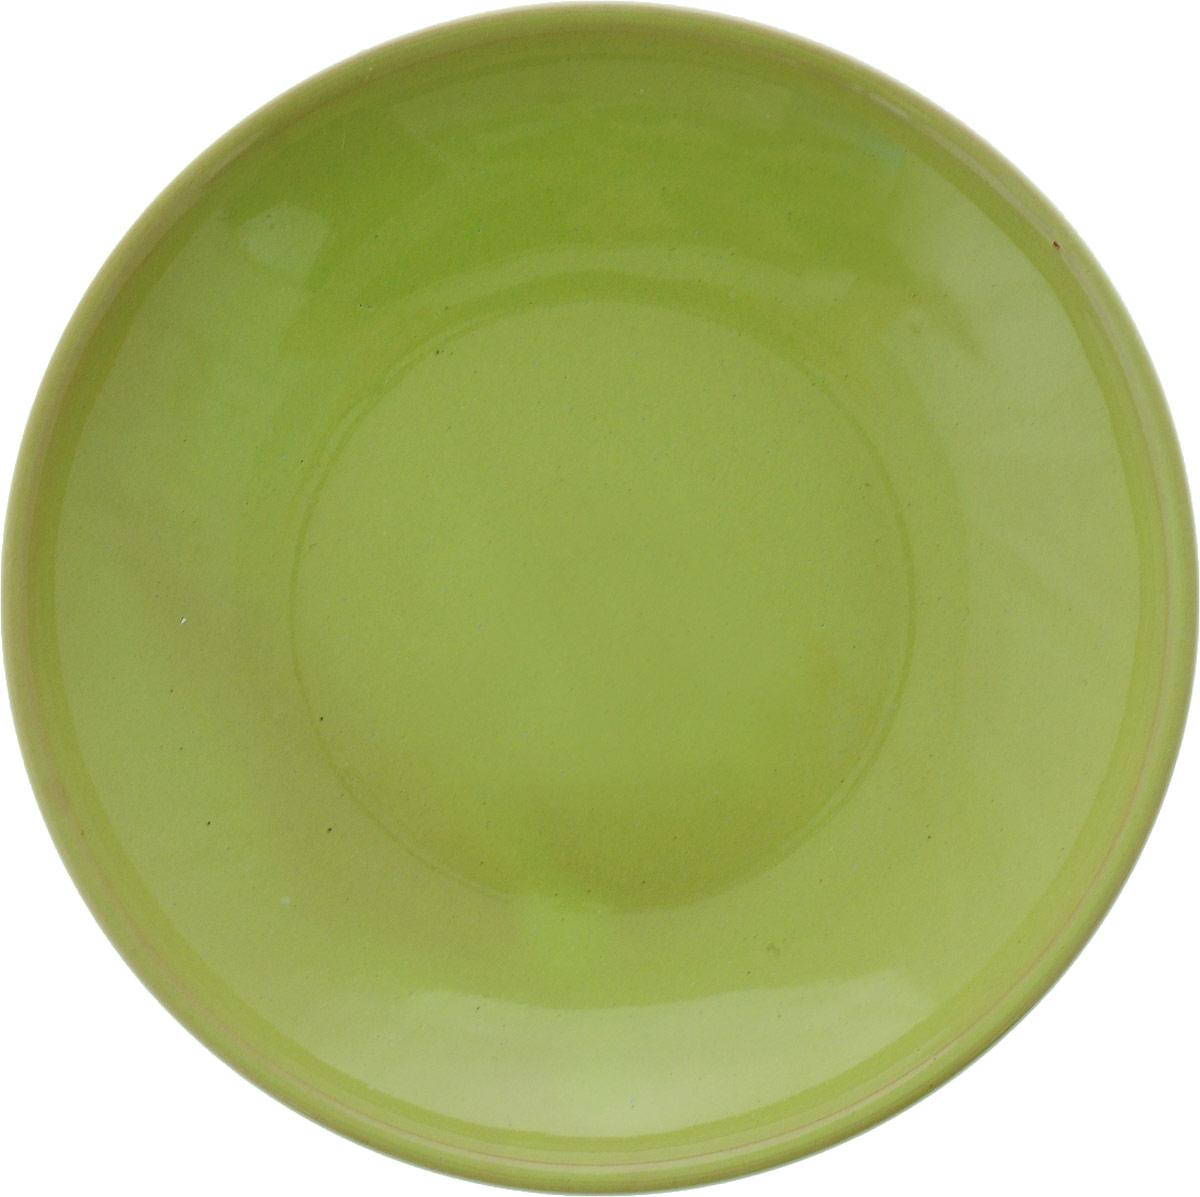 Фото - Блюдце Борисовская керамика Радуга, цвет: салатовый, диаметр 10 см блюдце борисовская керамика радуга цвет темно серый диаметр 10 см